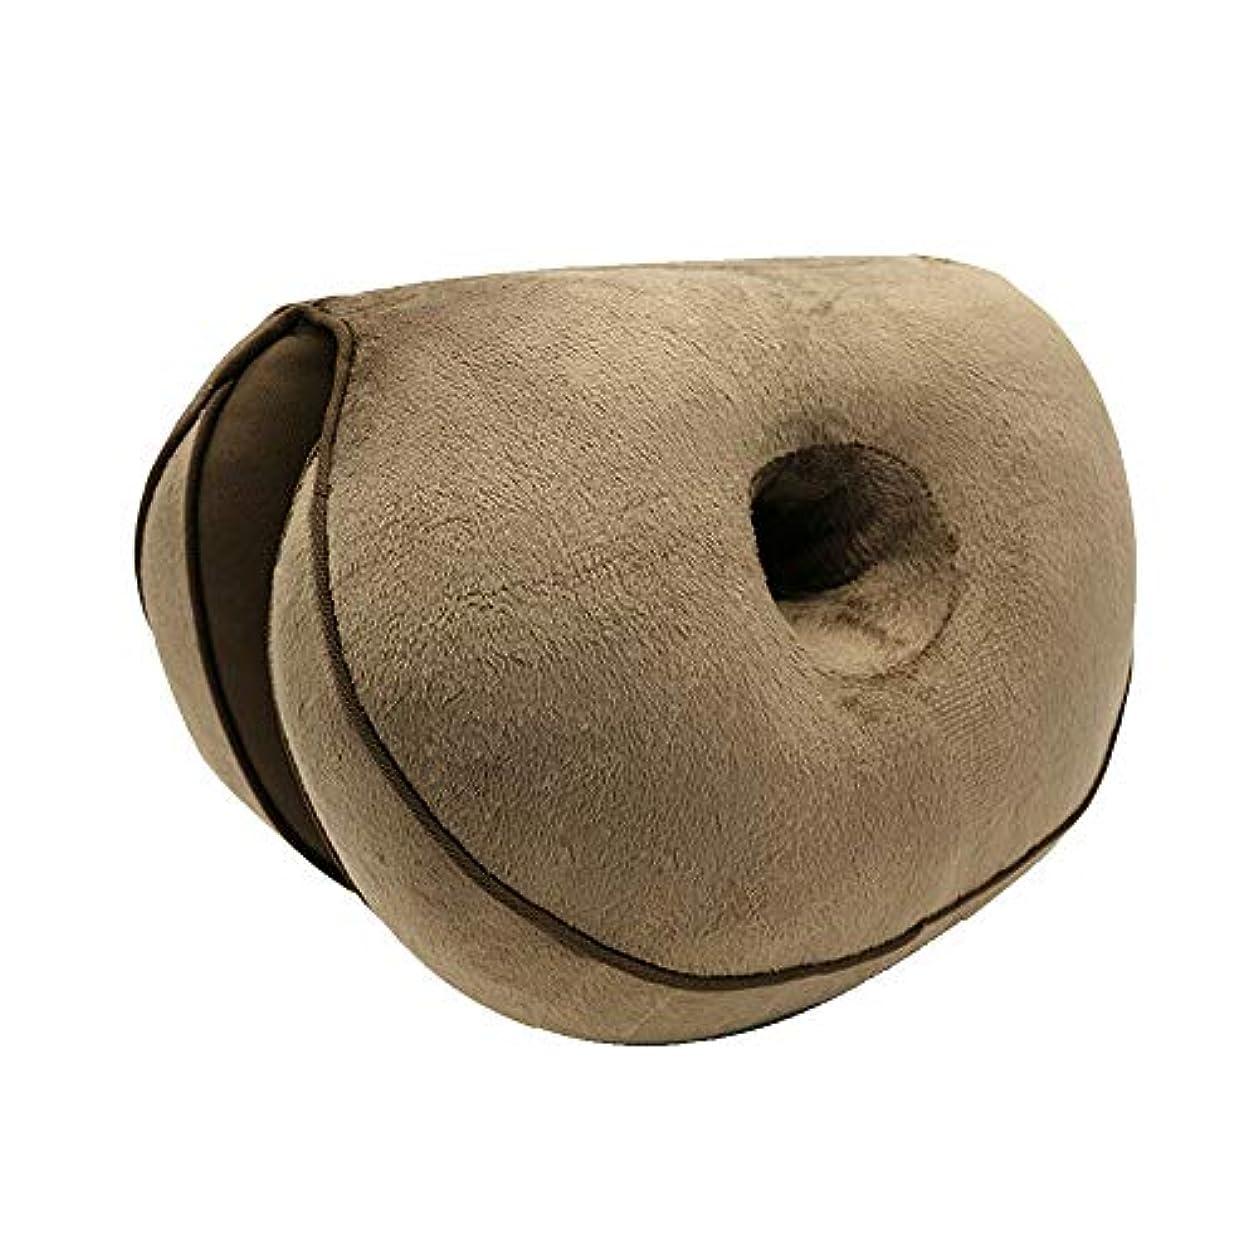 強いますウェイド現代LIFE 新デュアルシートクッション低反発ラテックスオフィスチェアバックシートクッション快適な臀部マットパッド枕旅行枕女性女の子 クッション 椅子